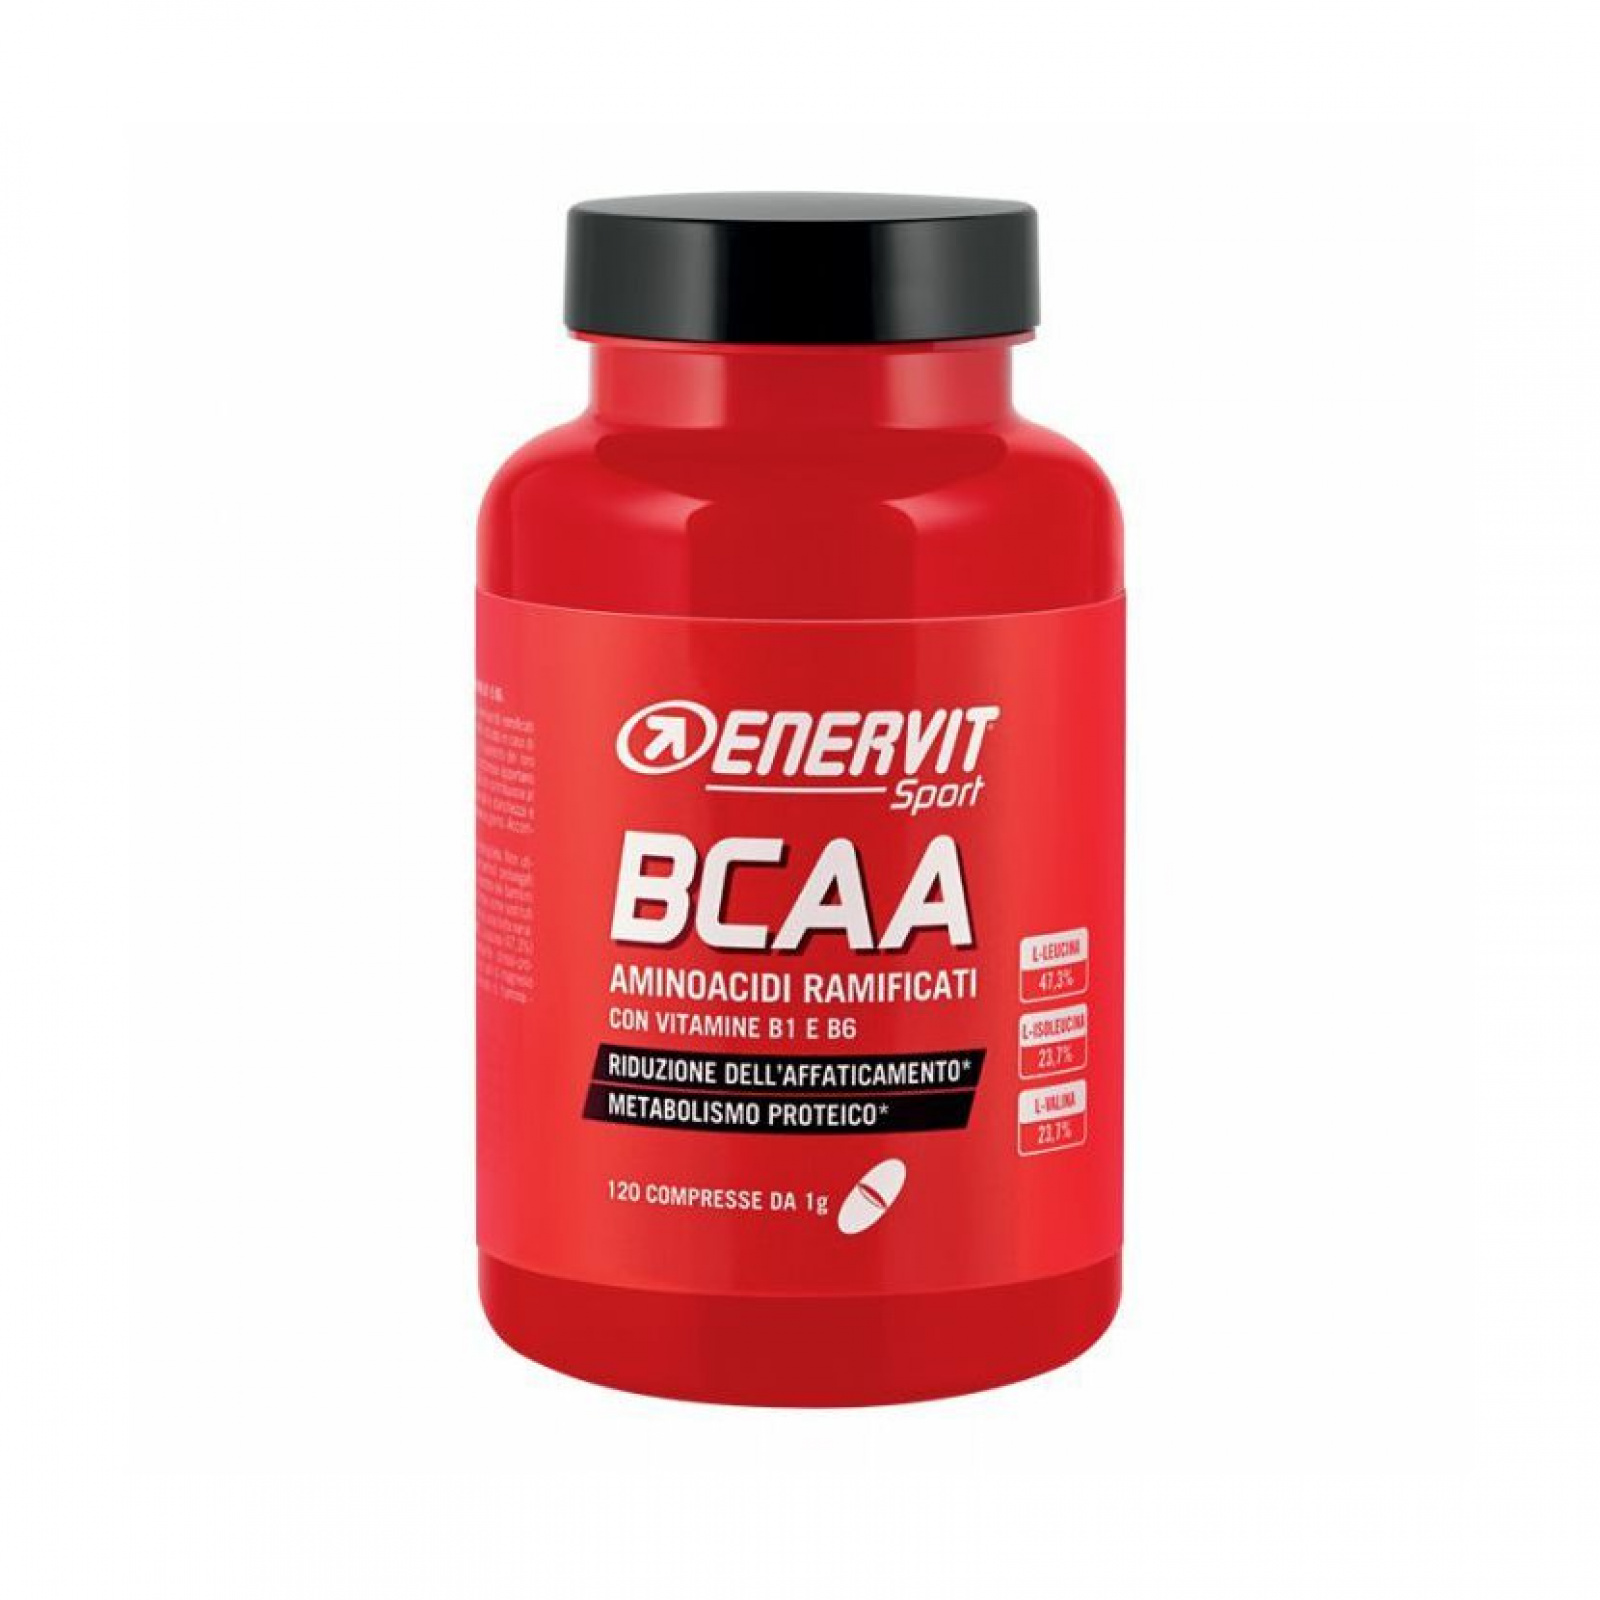 https://www.badec.store/produkty_img/enervit-bcaa1602785083L.jpg